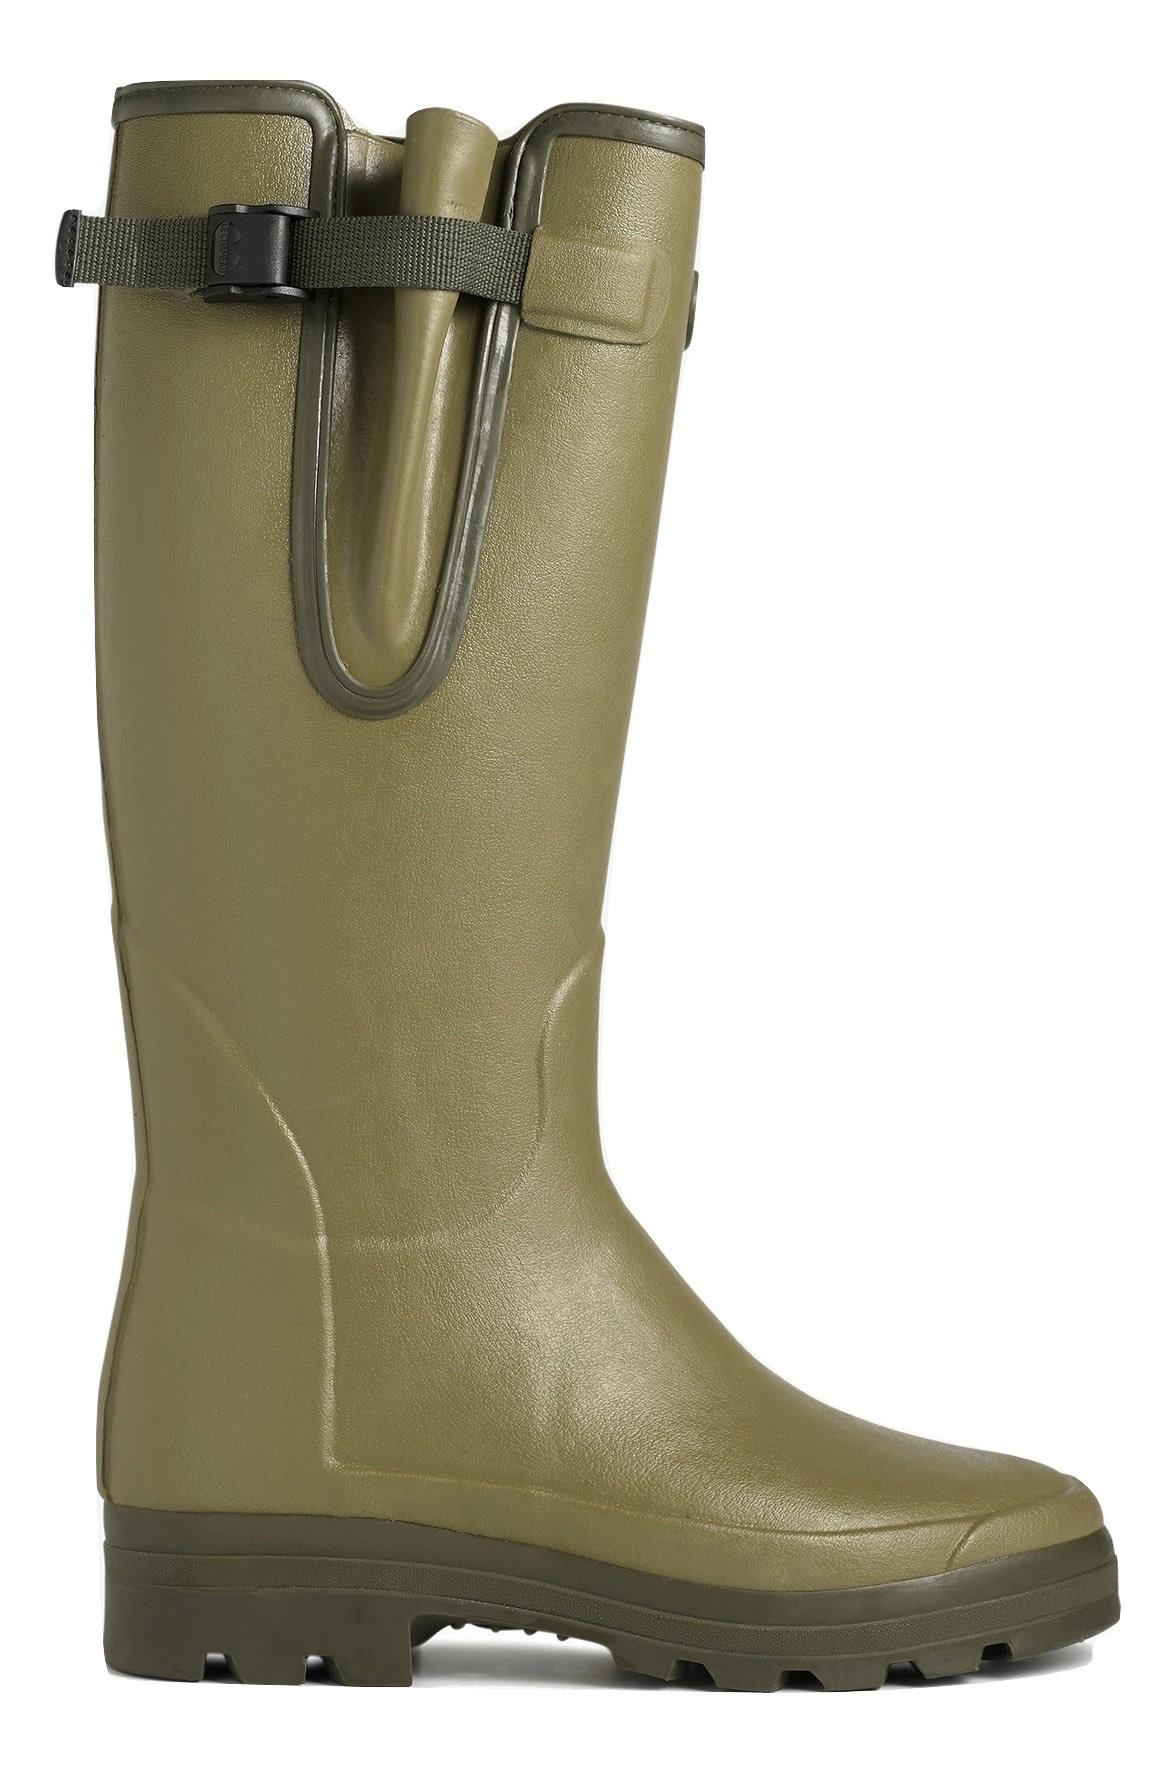 Le Chameau Men's Vierzonord Neoprene Lined Boot Vert Vierzon-2